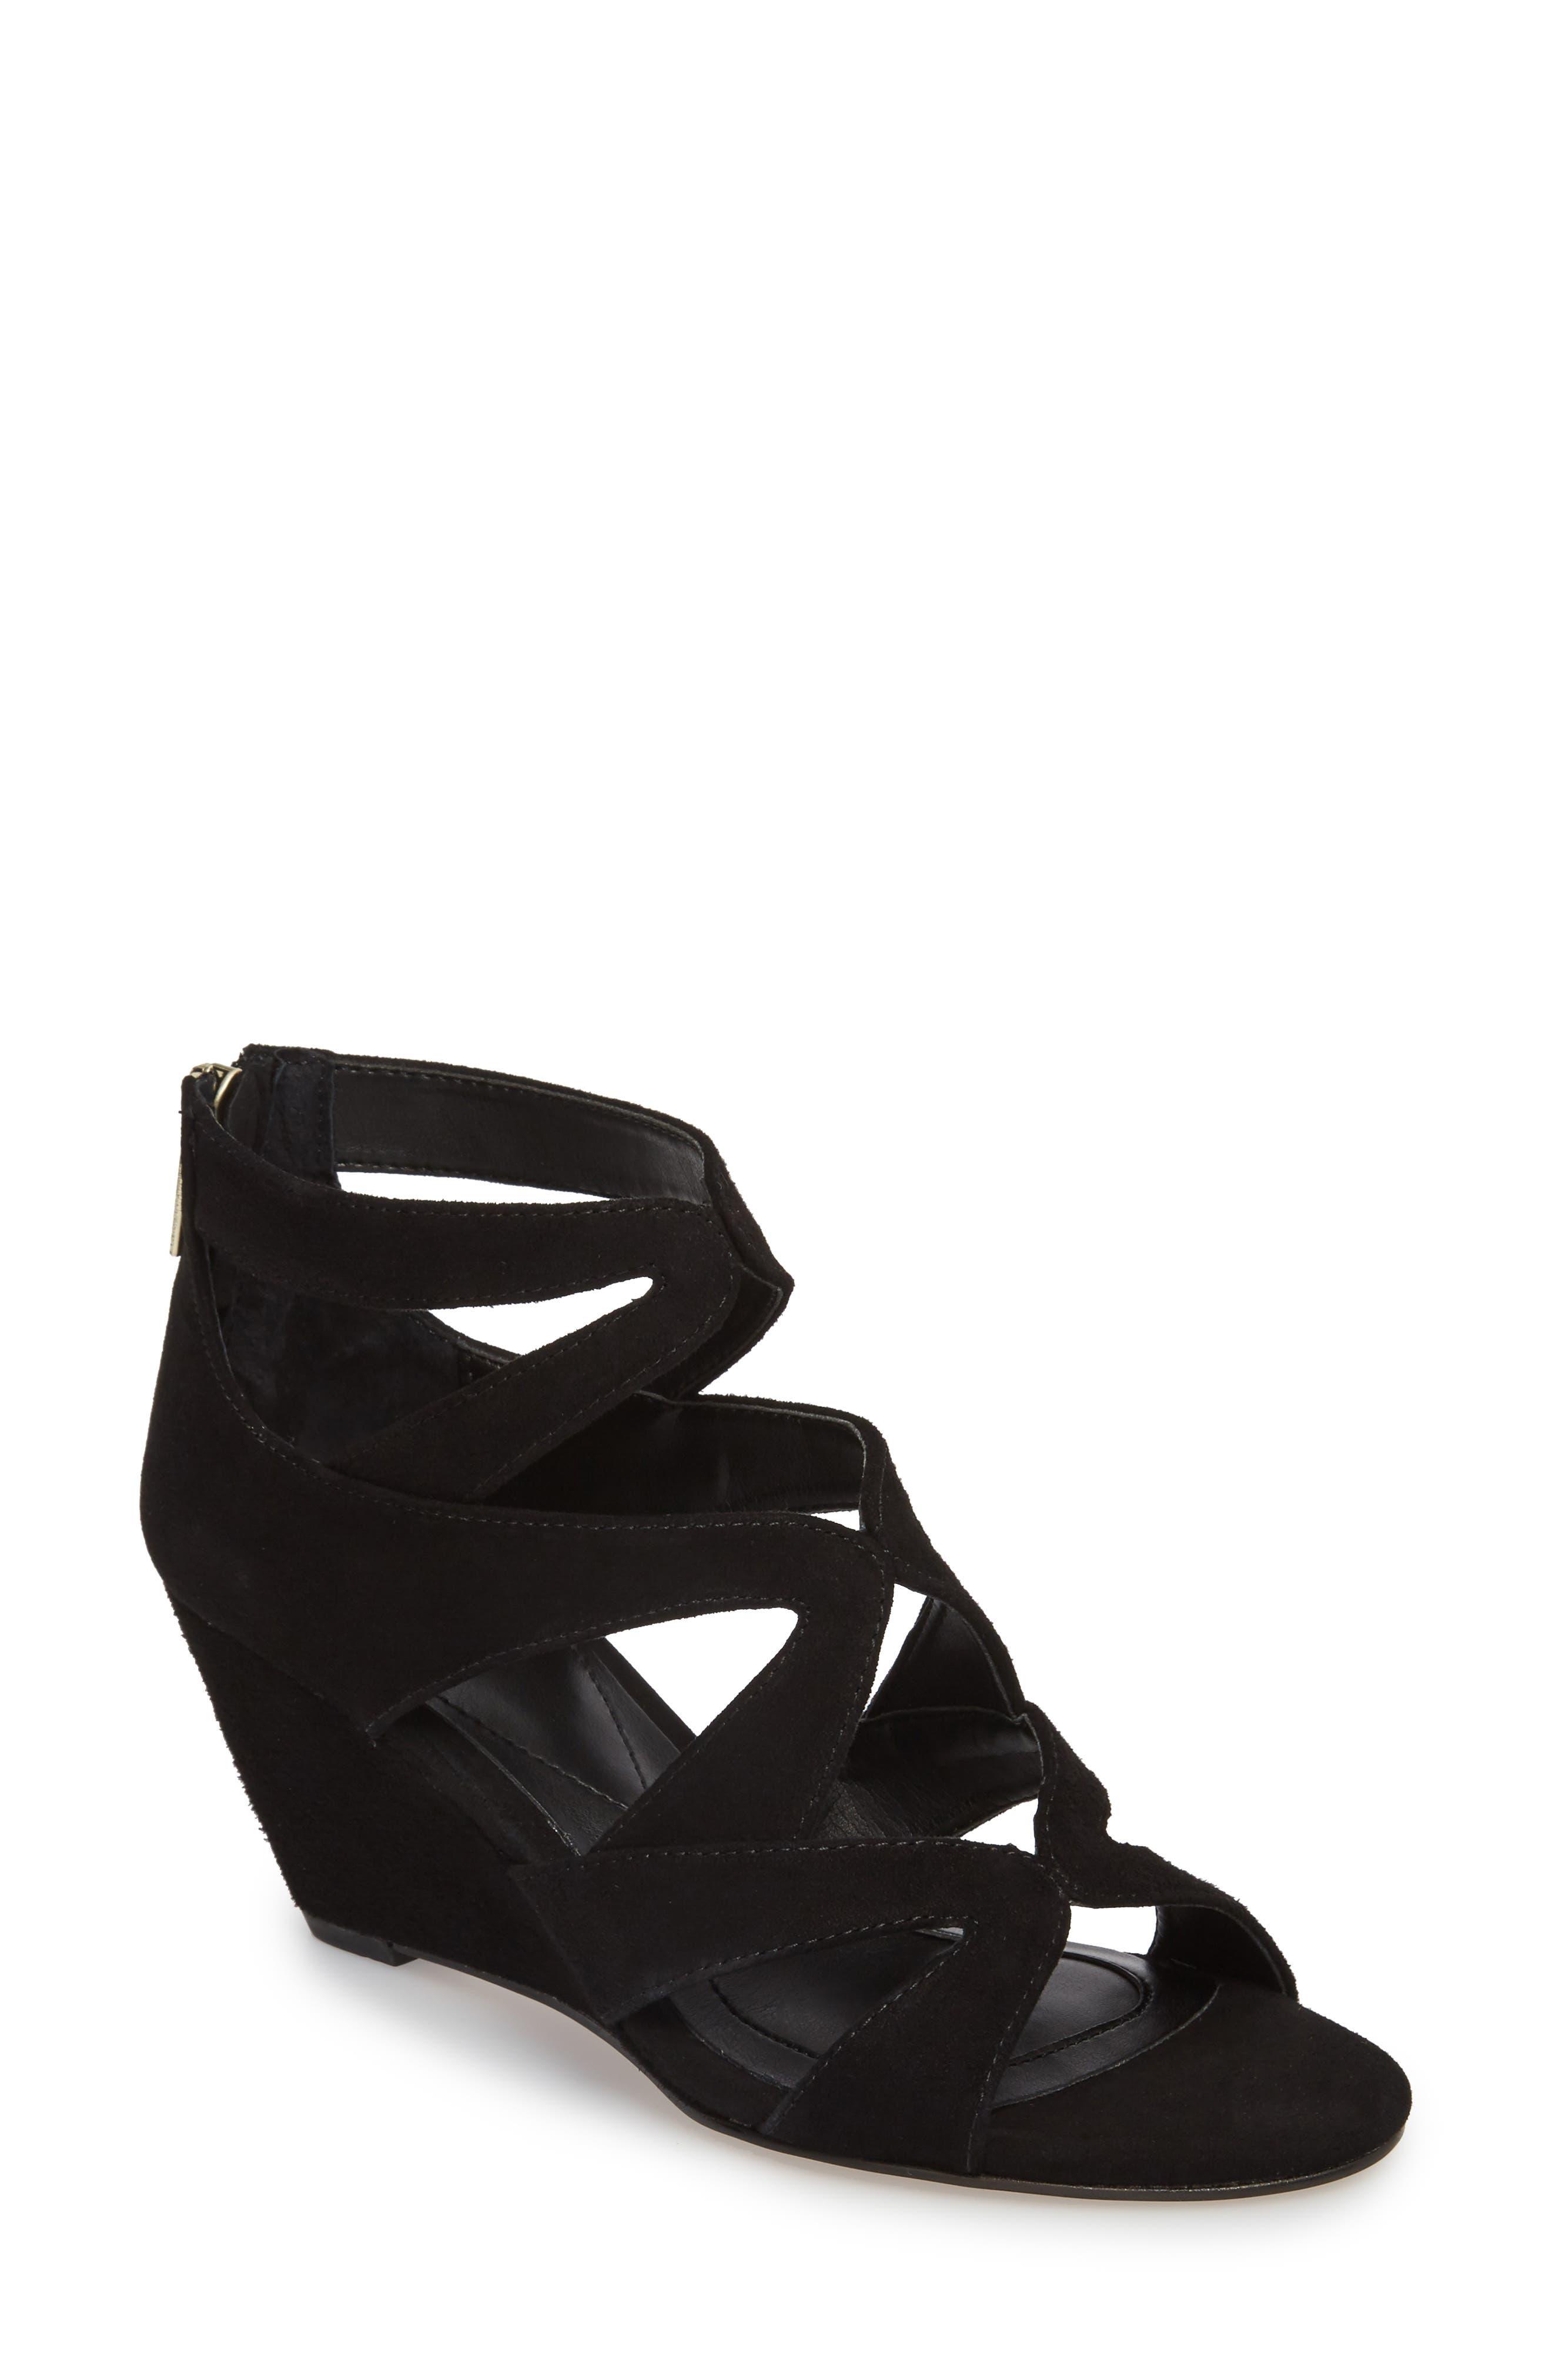 Filisha Wedge Sandal,                             Main thumbnail 1, color,                             BLACK SUEDE